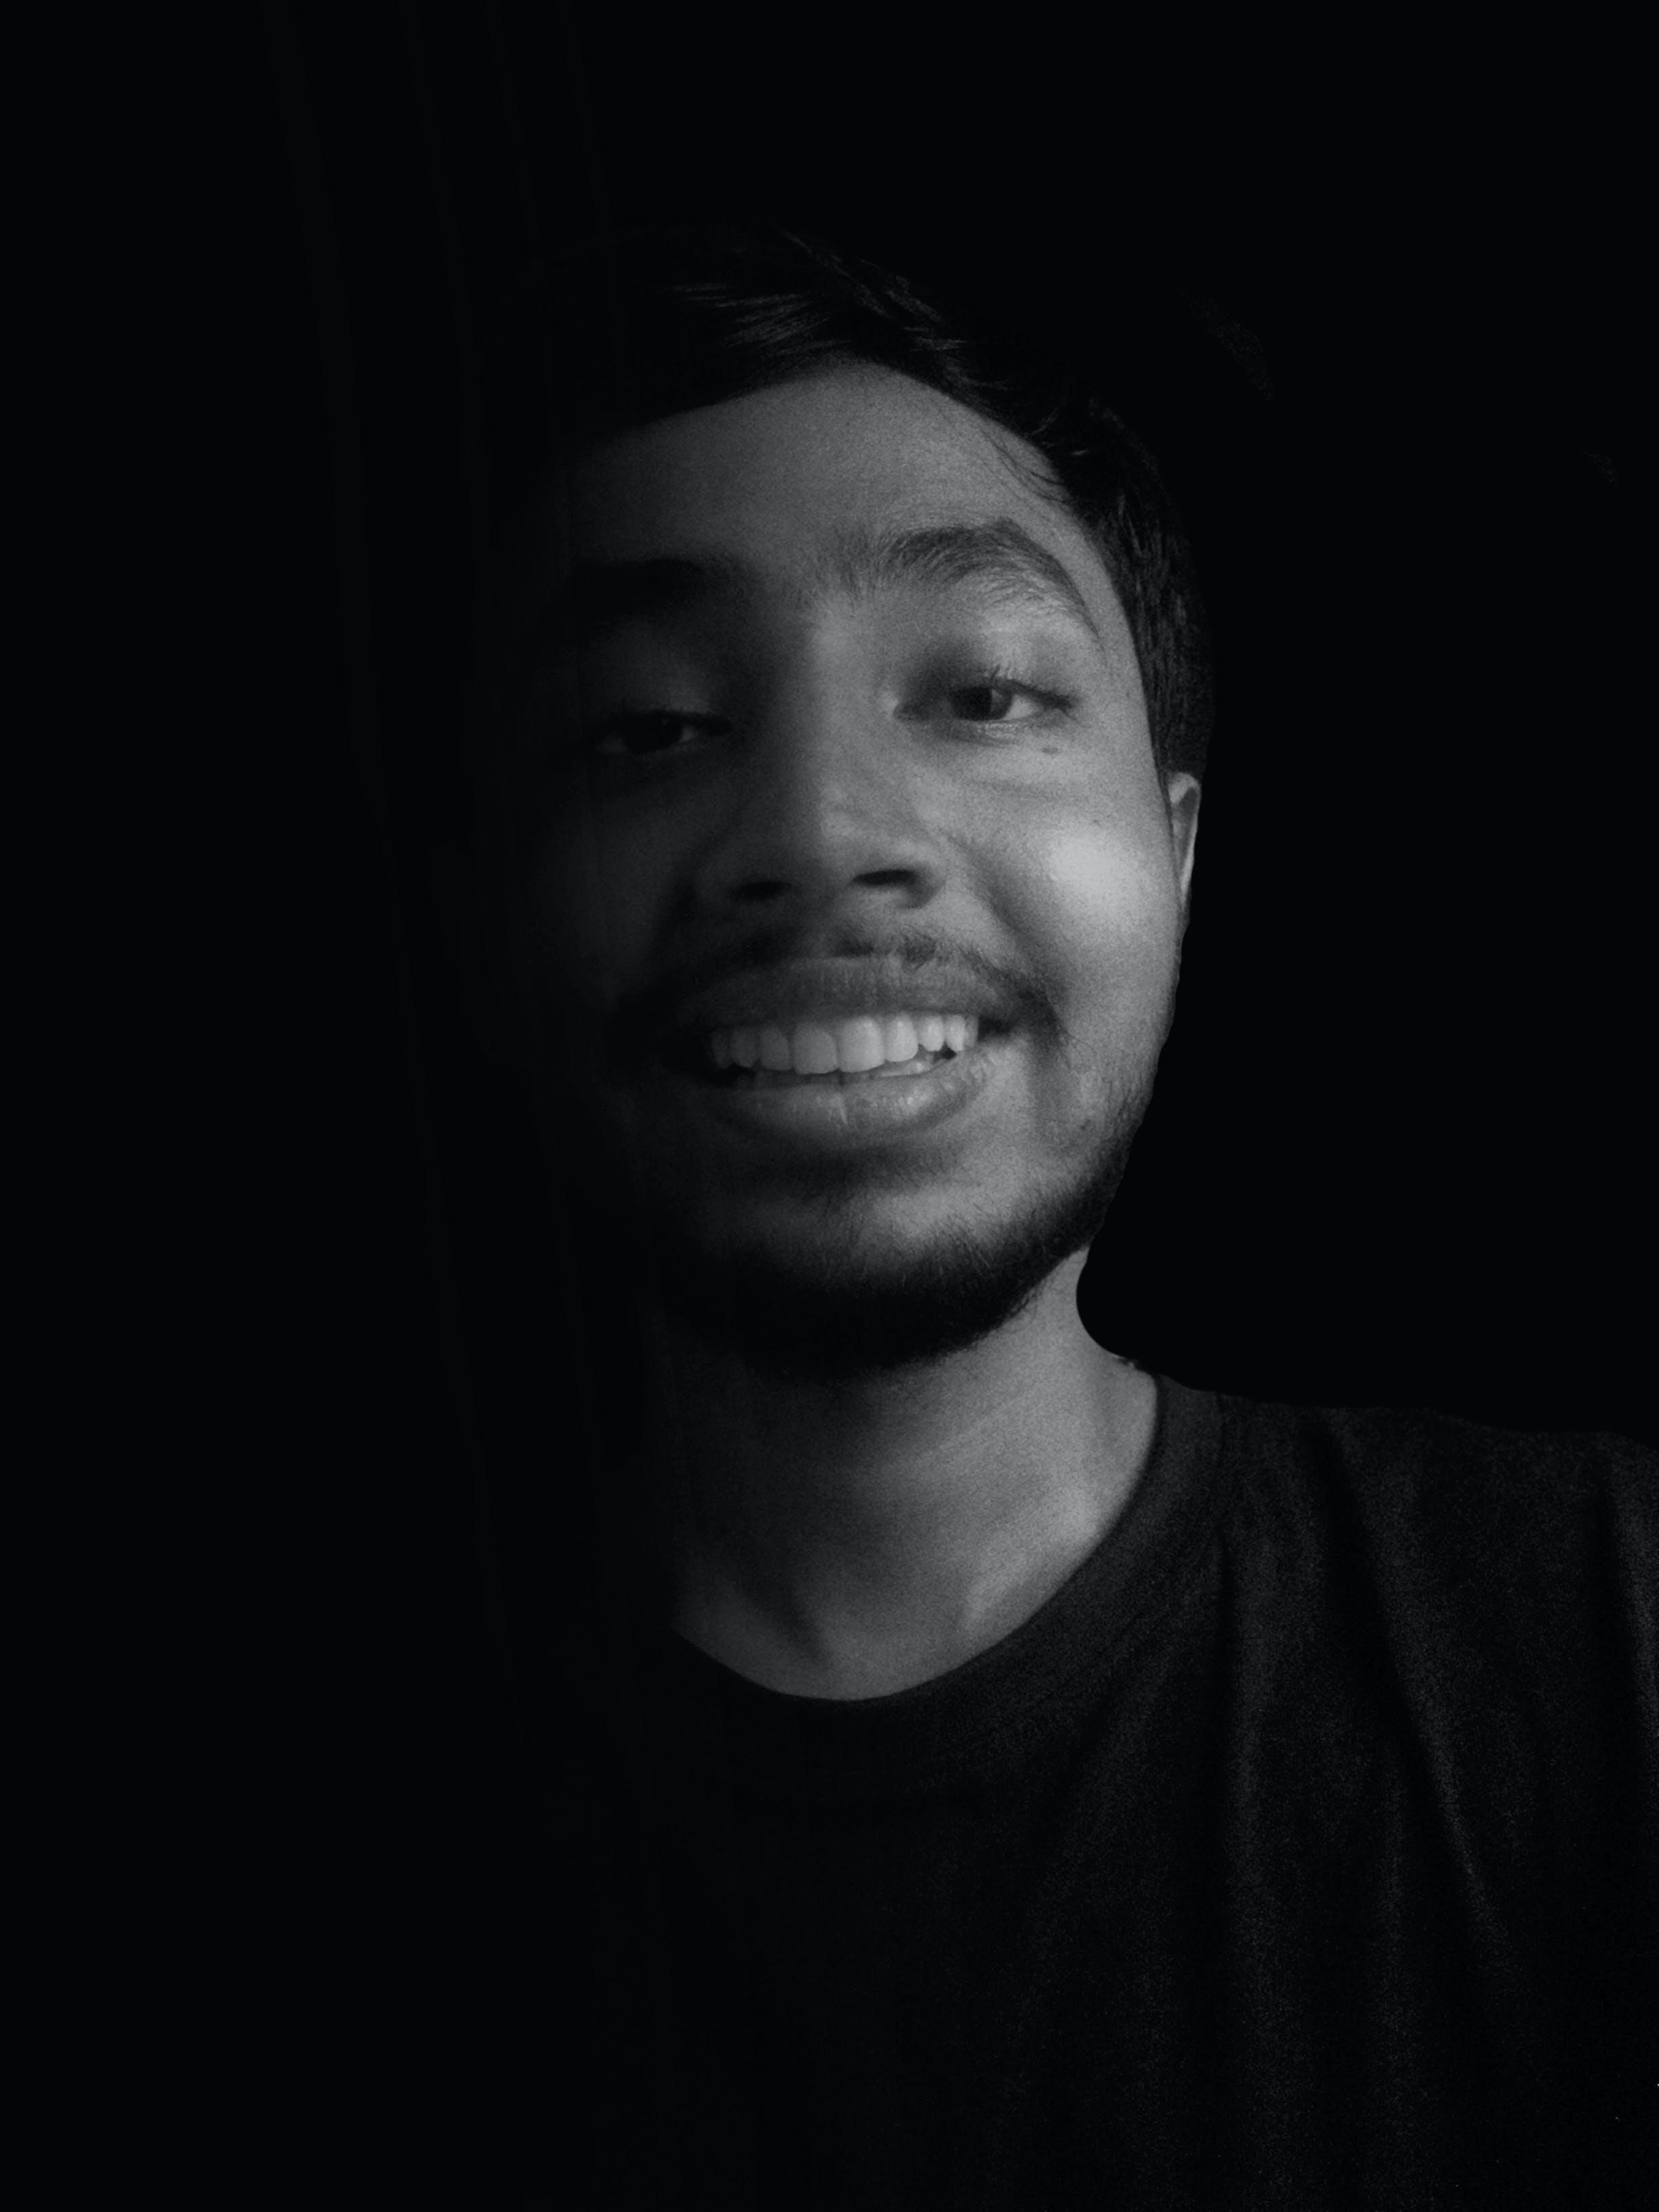 Kostenloses Stock Foto zu porträt, schwarz, schwarz und weiß